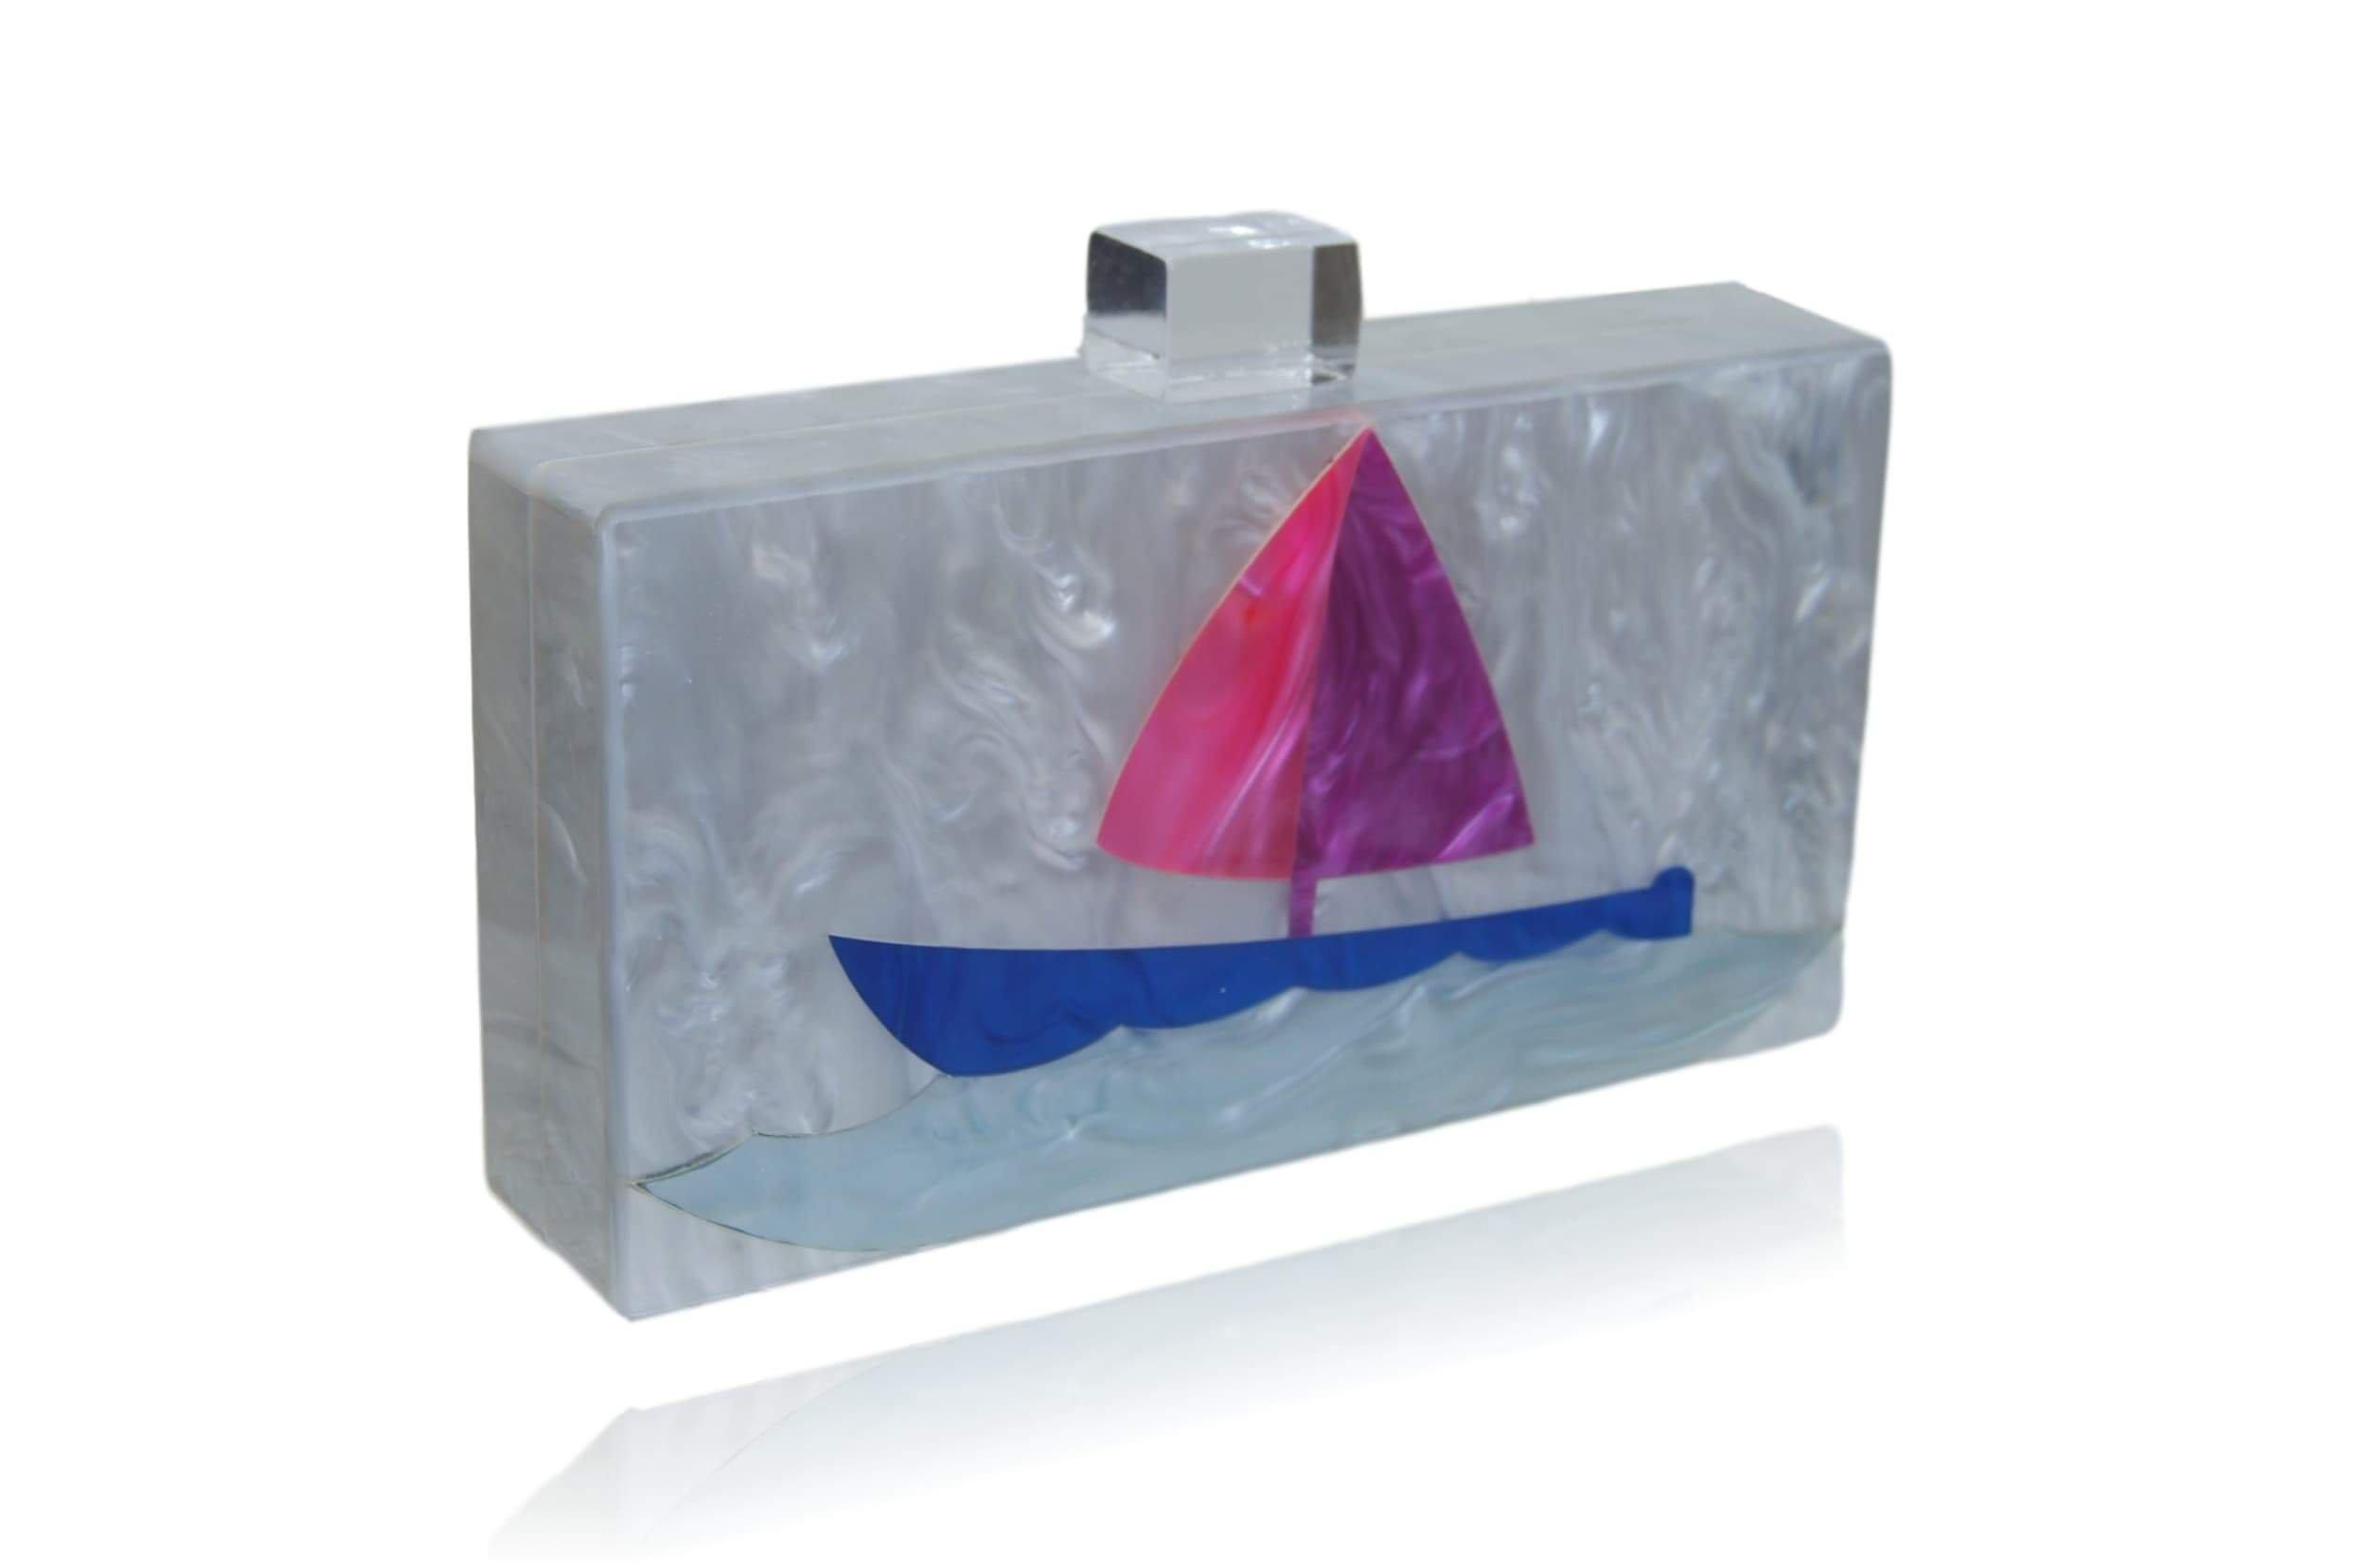 Designer Acrylic Boat Clutch